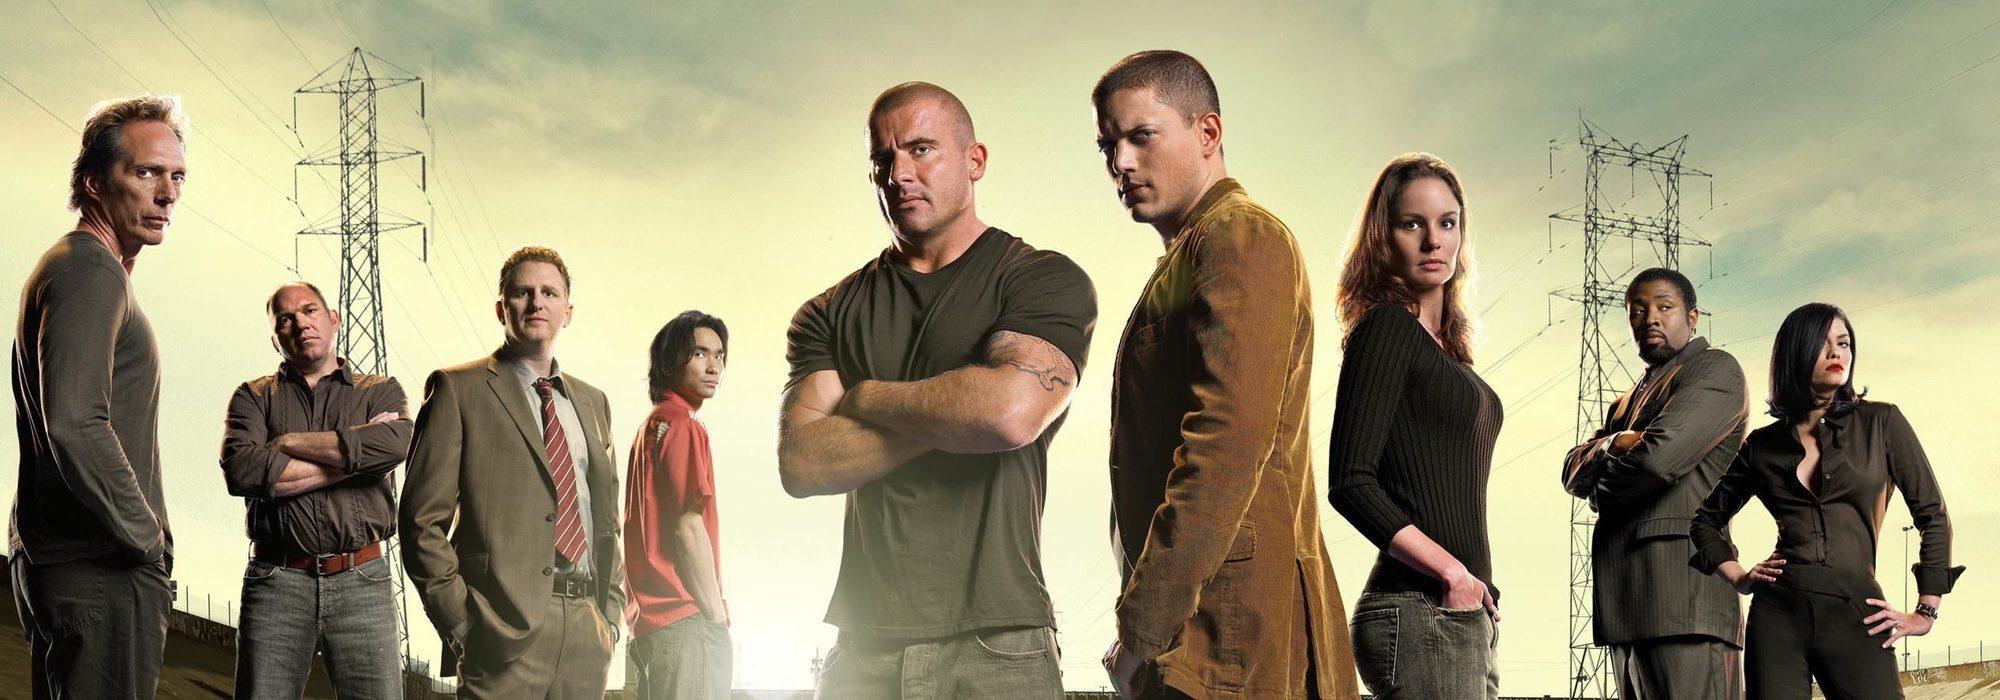 Temporada 1 Prison Break: Todos los episodios - FormulaTV